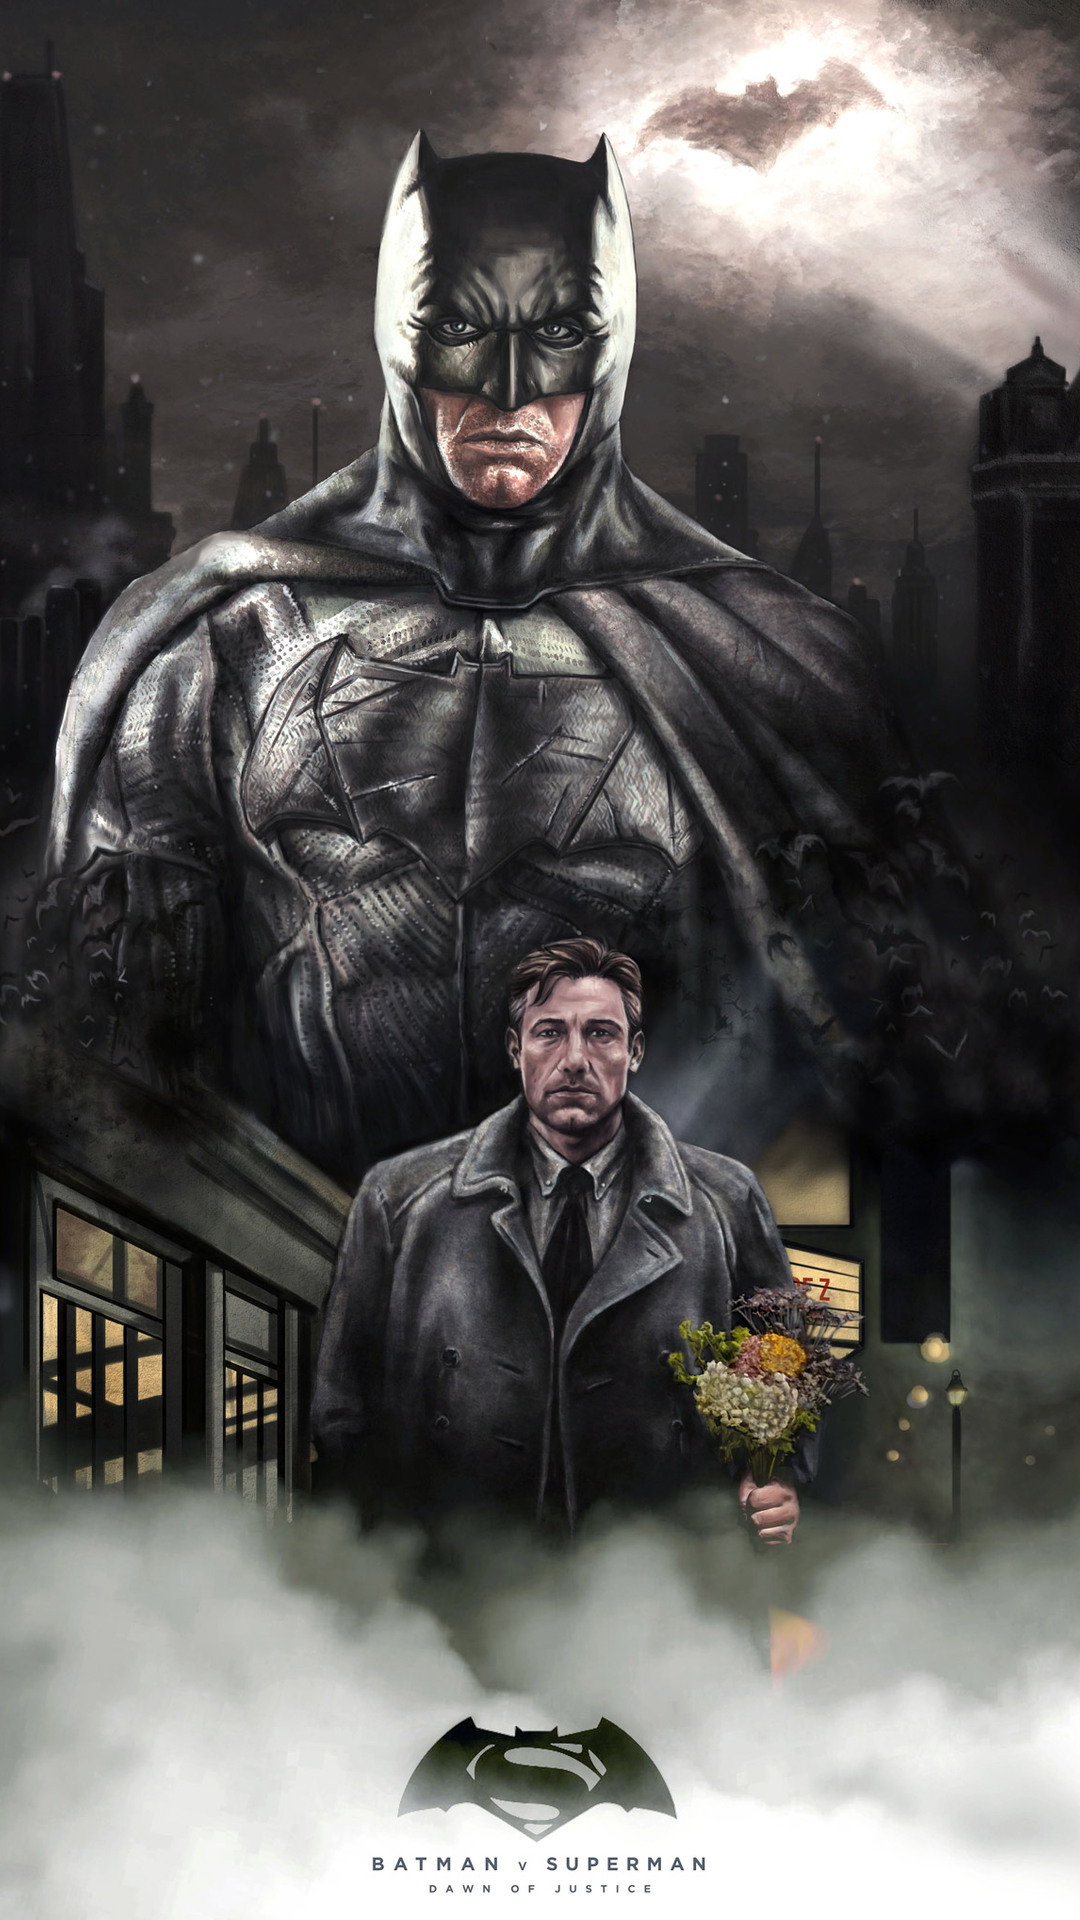 1080x1920 ben affleck batman artwork iphone 7 6s 6 plus - Ben affleck batman wallpaper ...